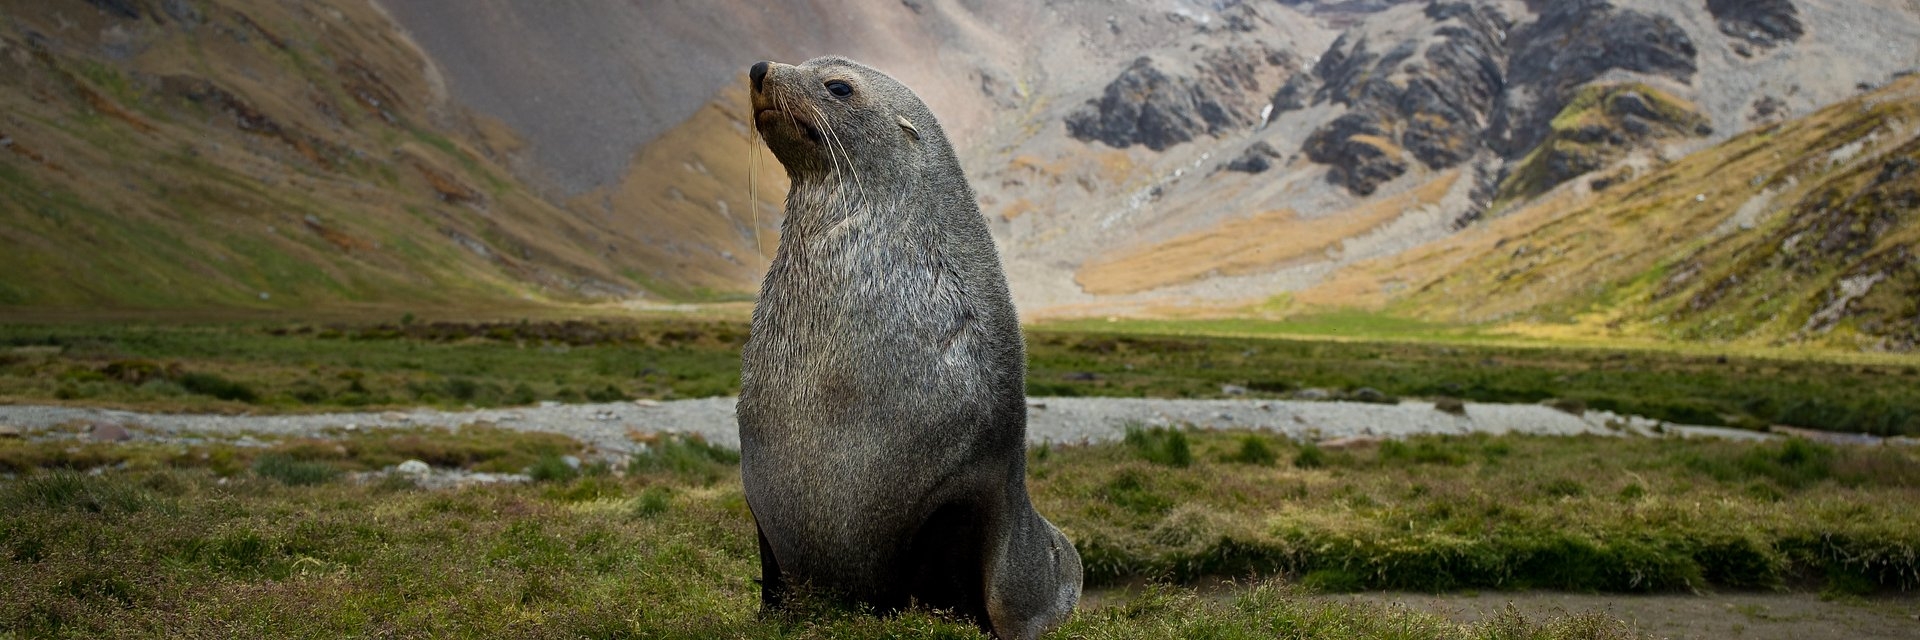 """Wyspa słynąca z największego na świecie zagęszczenia dzikich zwierząt - """"Najdziksza wyspa świata"""" w kwietniu na kanale National Geographic Wild"""